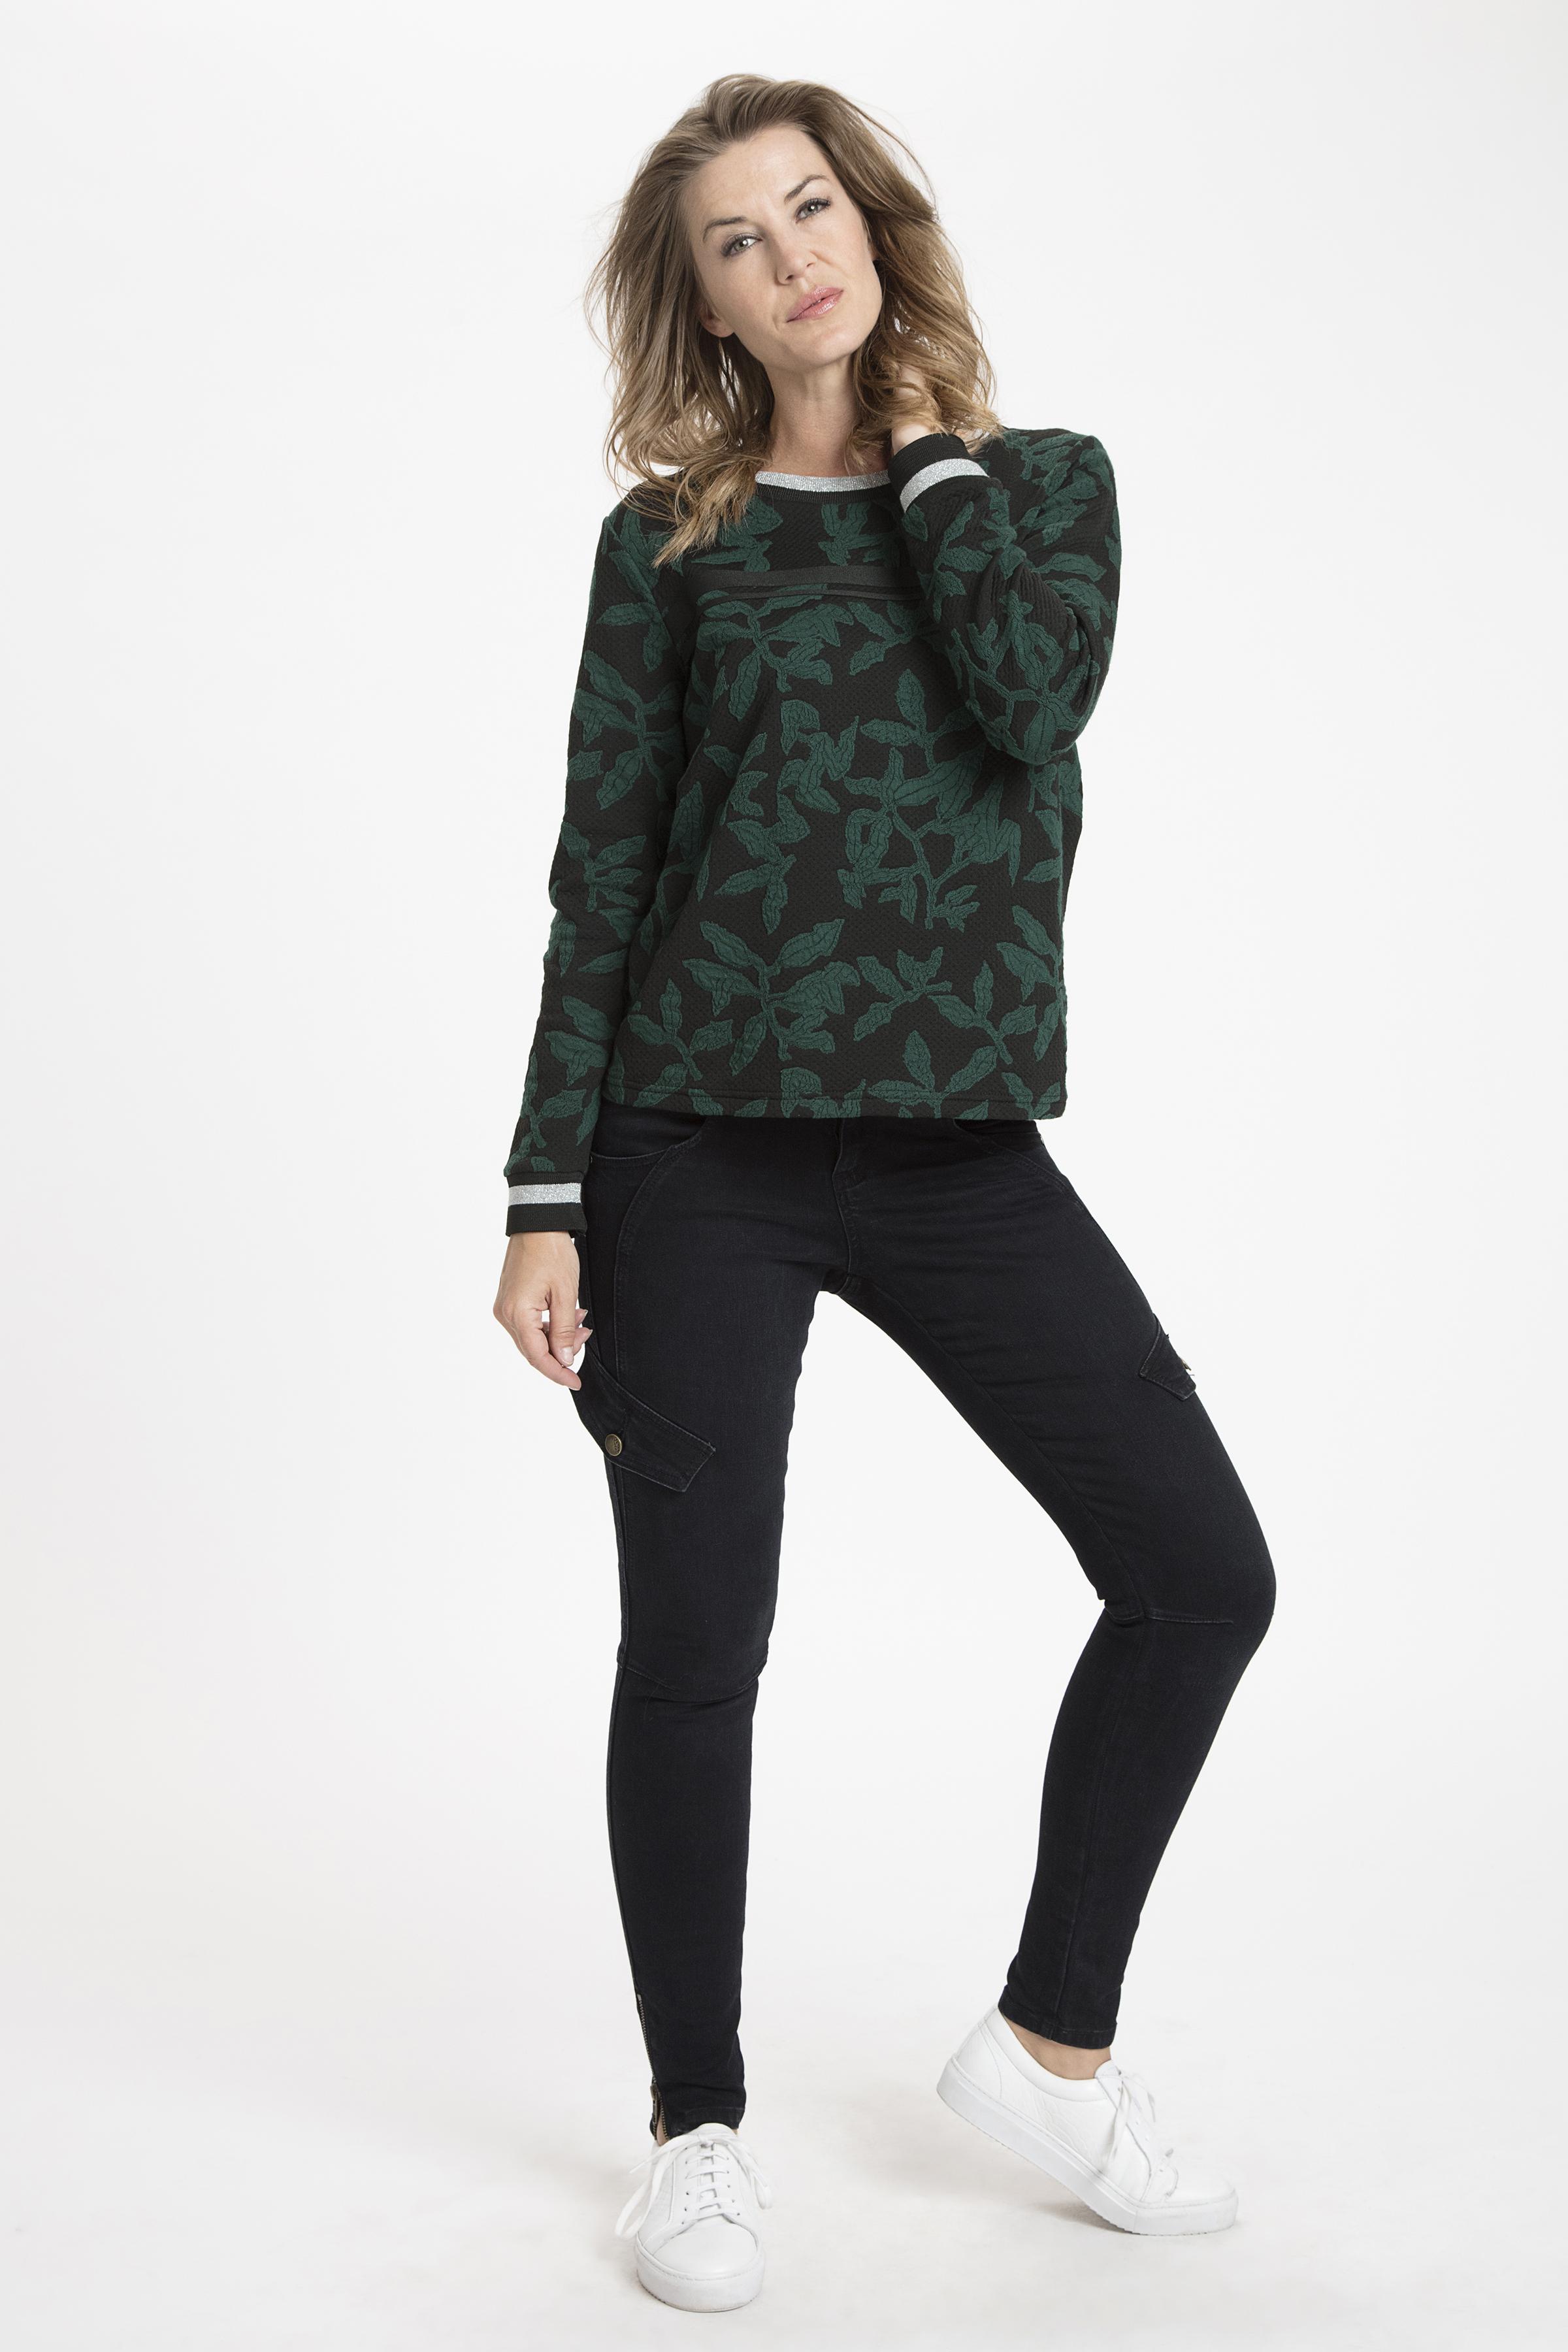 Svart/buteljgrön Sweatshirt från Dranella – Köp Svart/buteljgrön Sweatshirt från stl. XS-XXL här